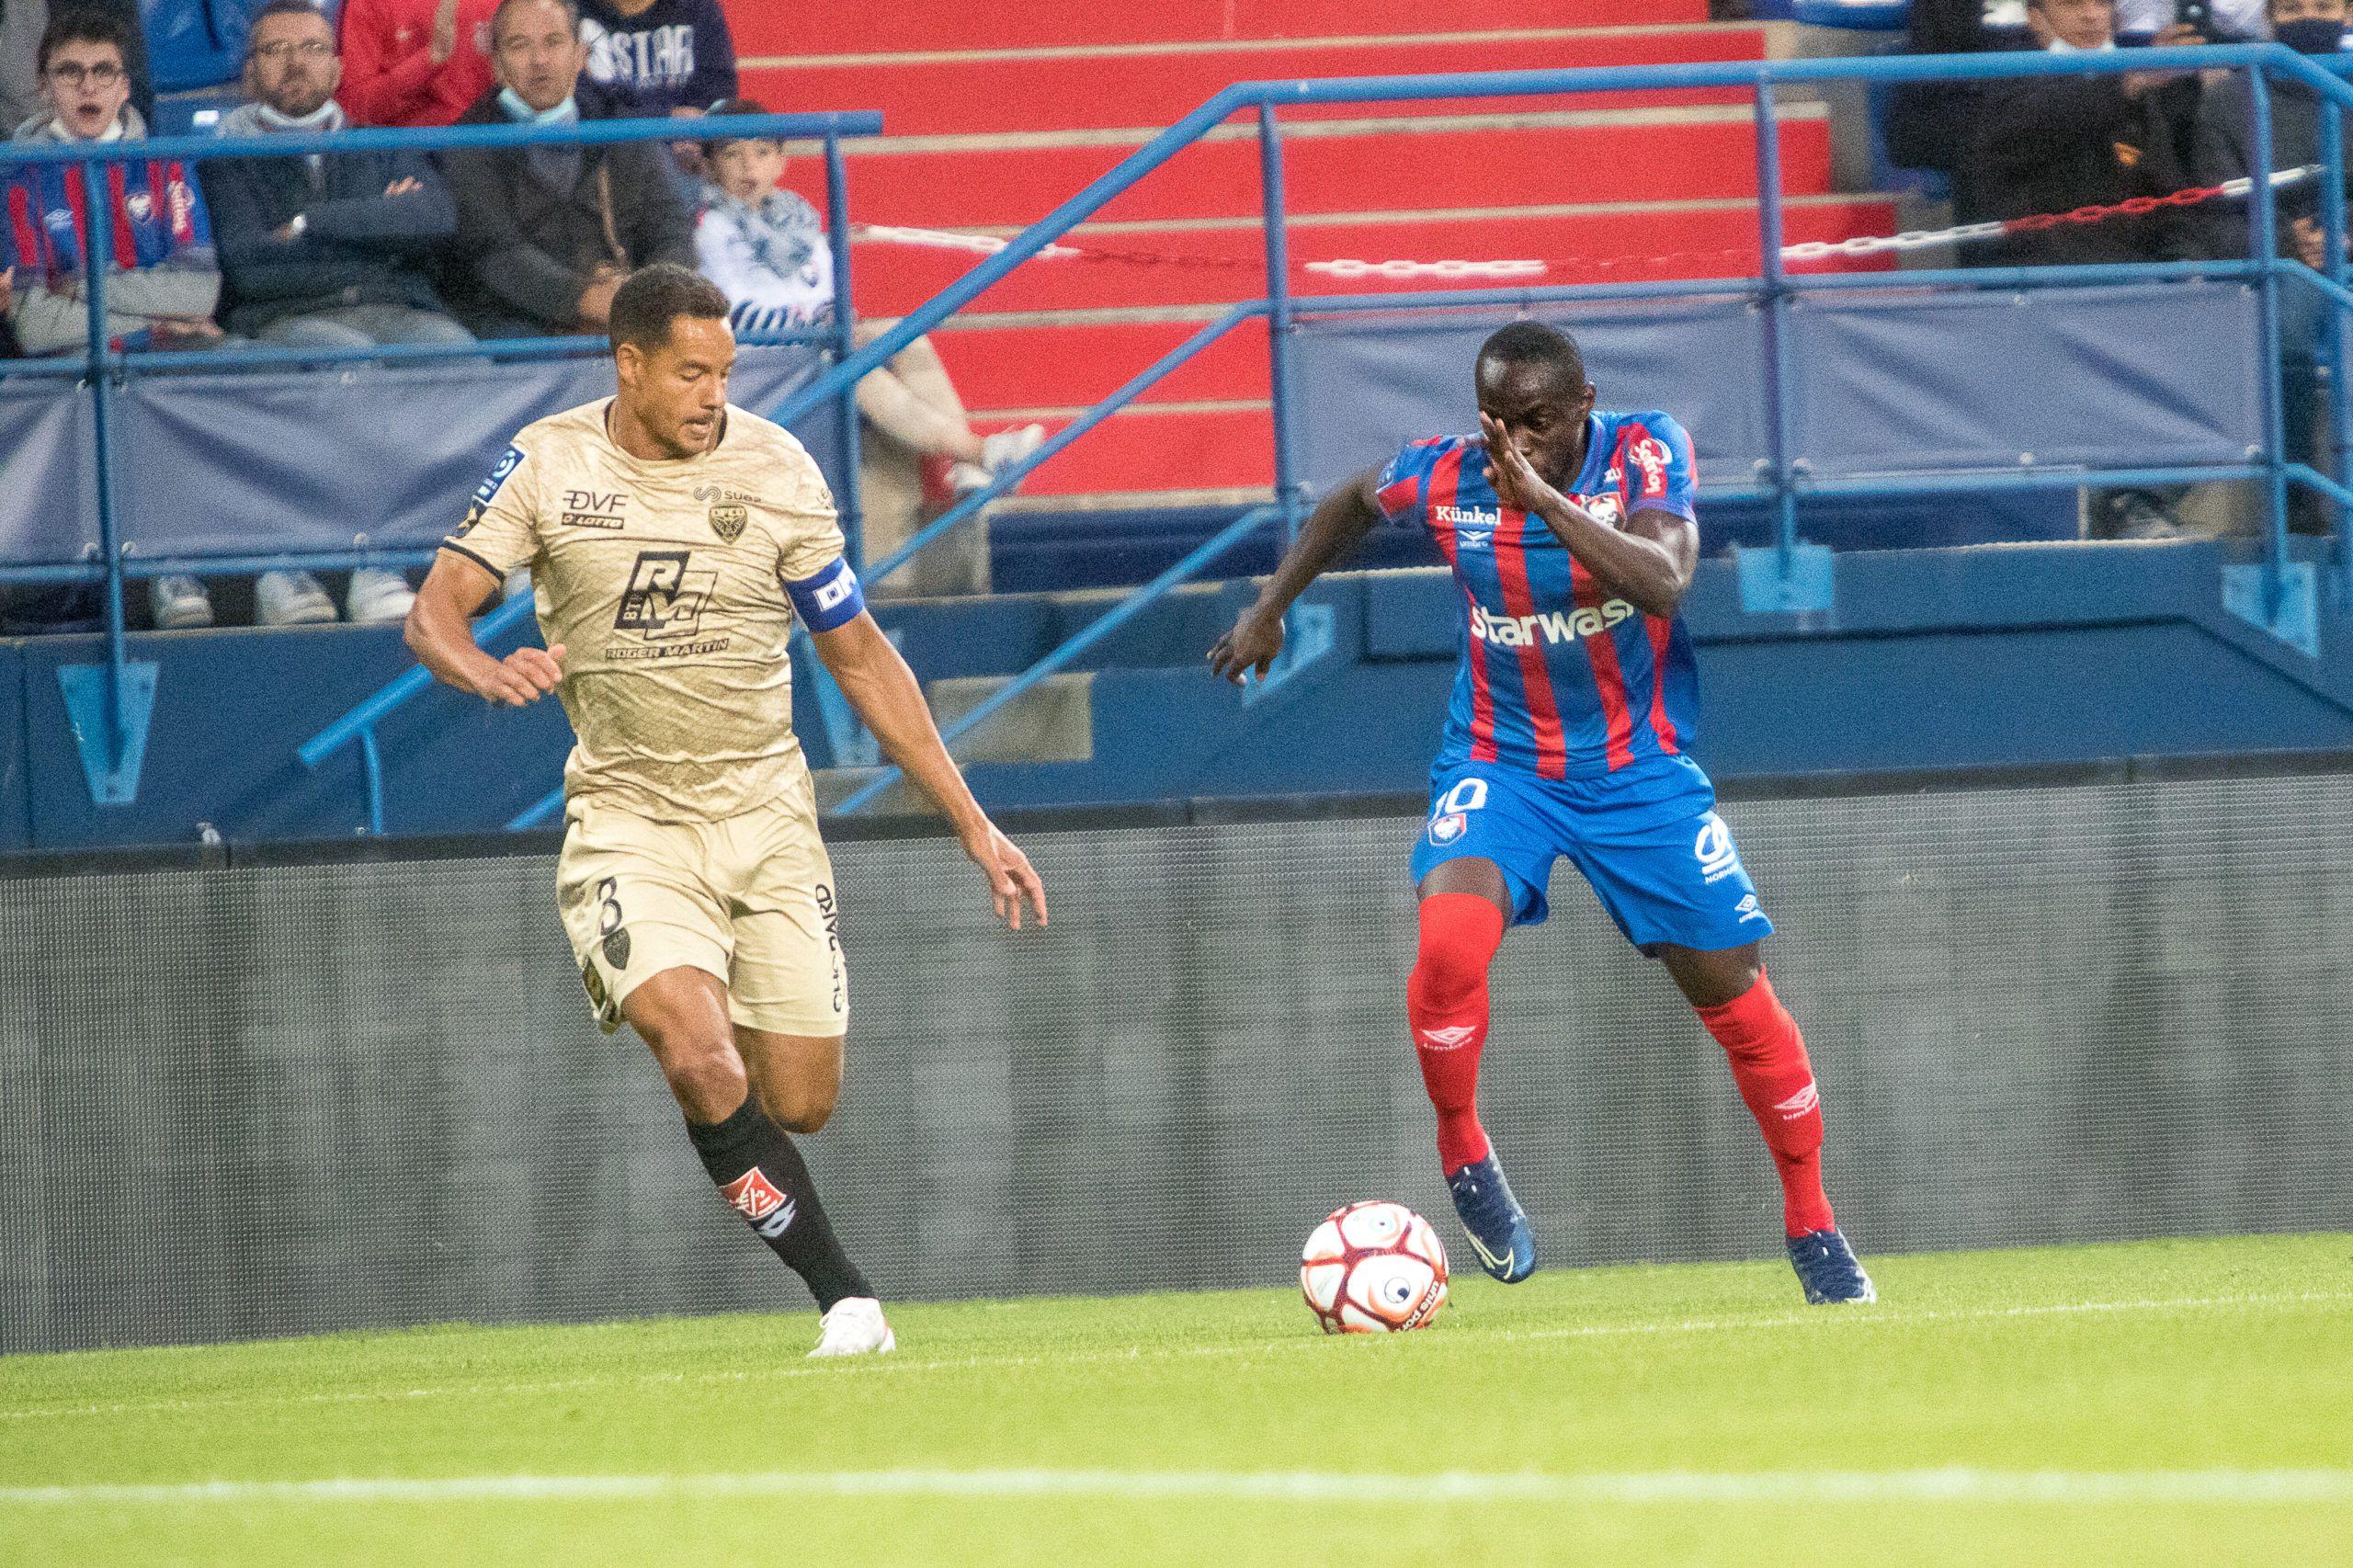 Les notes des joueurs caennais après la défaite contre Dijon (0-1)